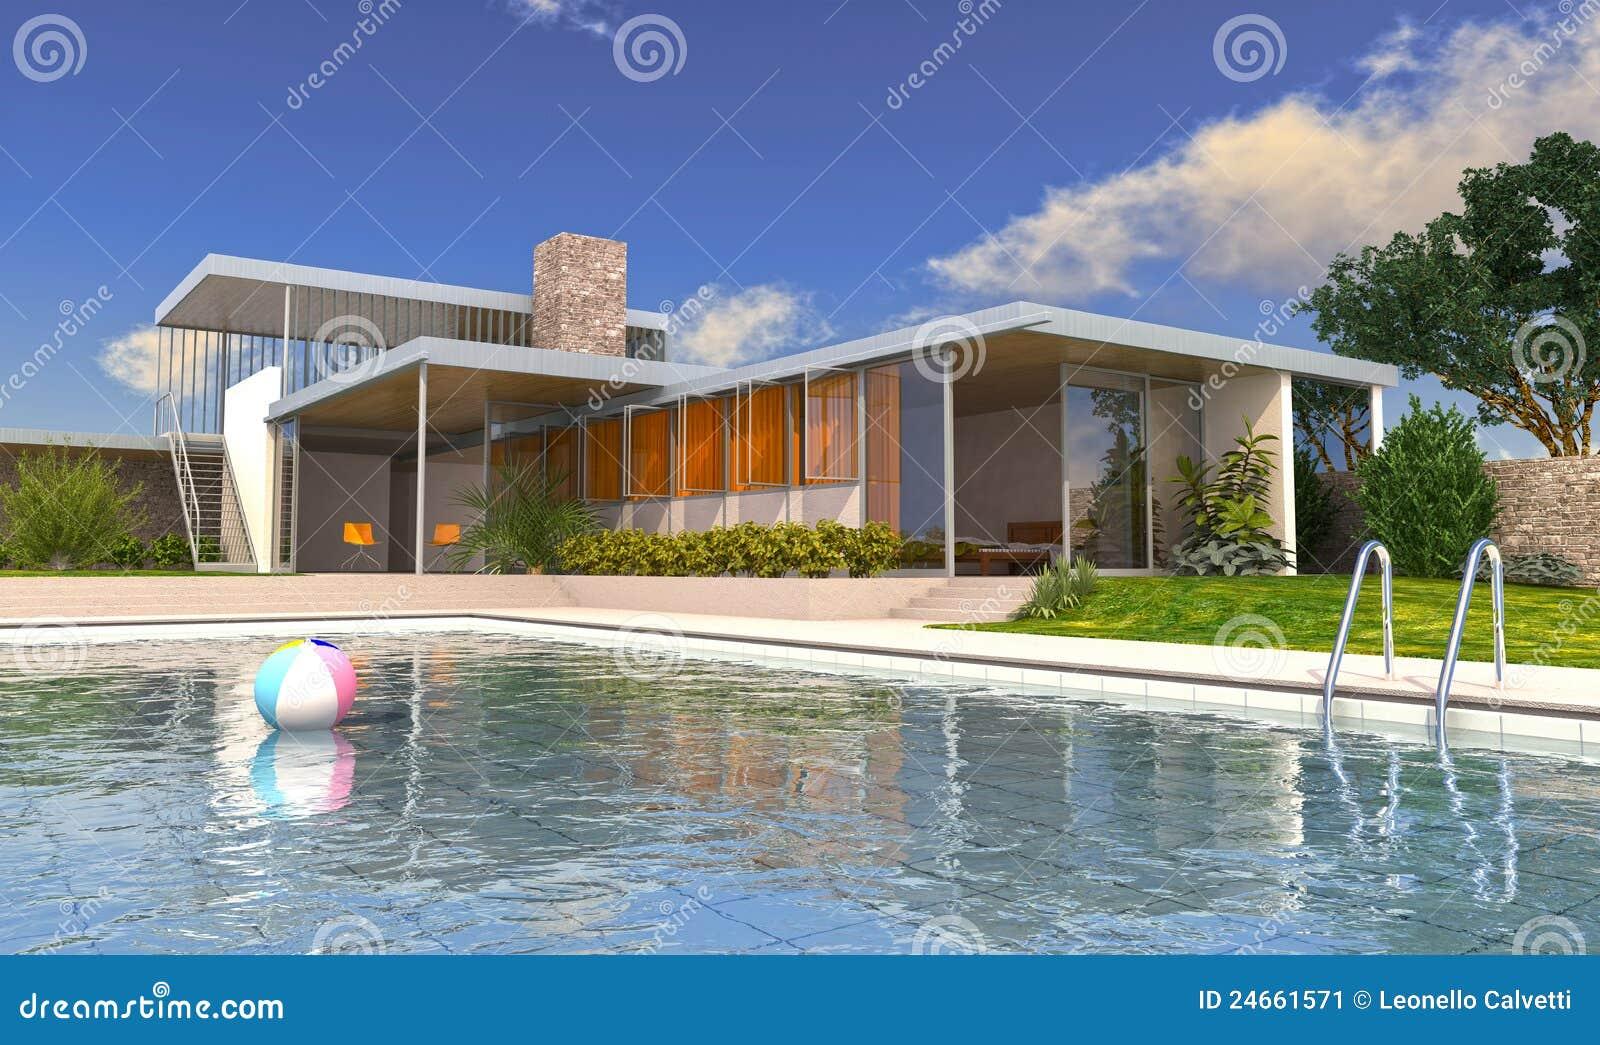 Casa de campo luxuosa moderna com piscina imagem de stock for Casa moderna